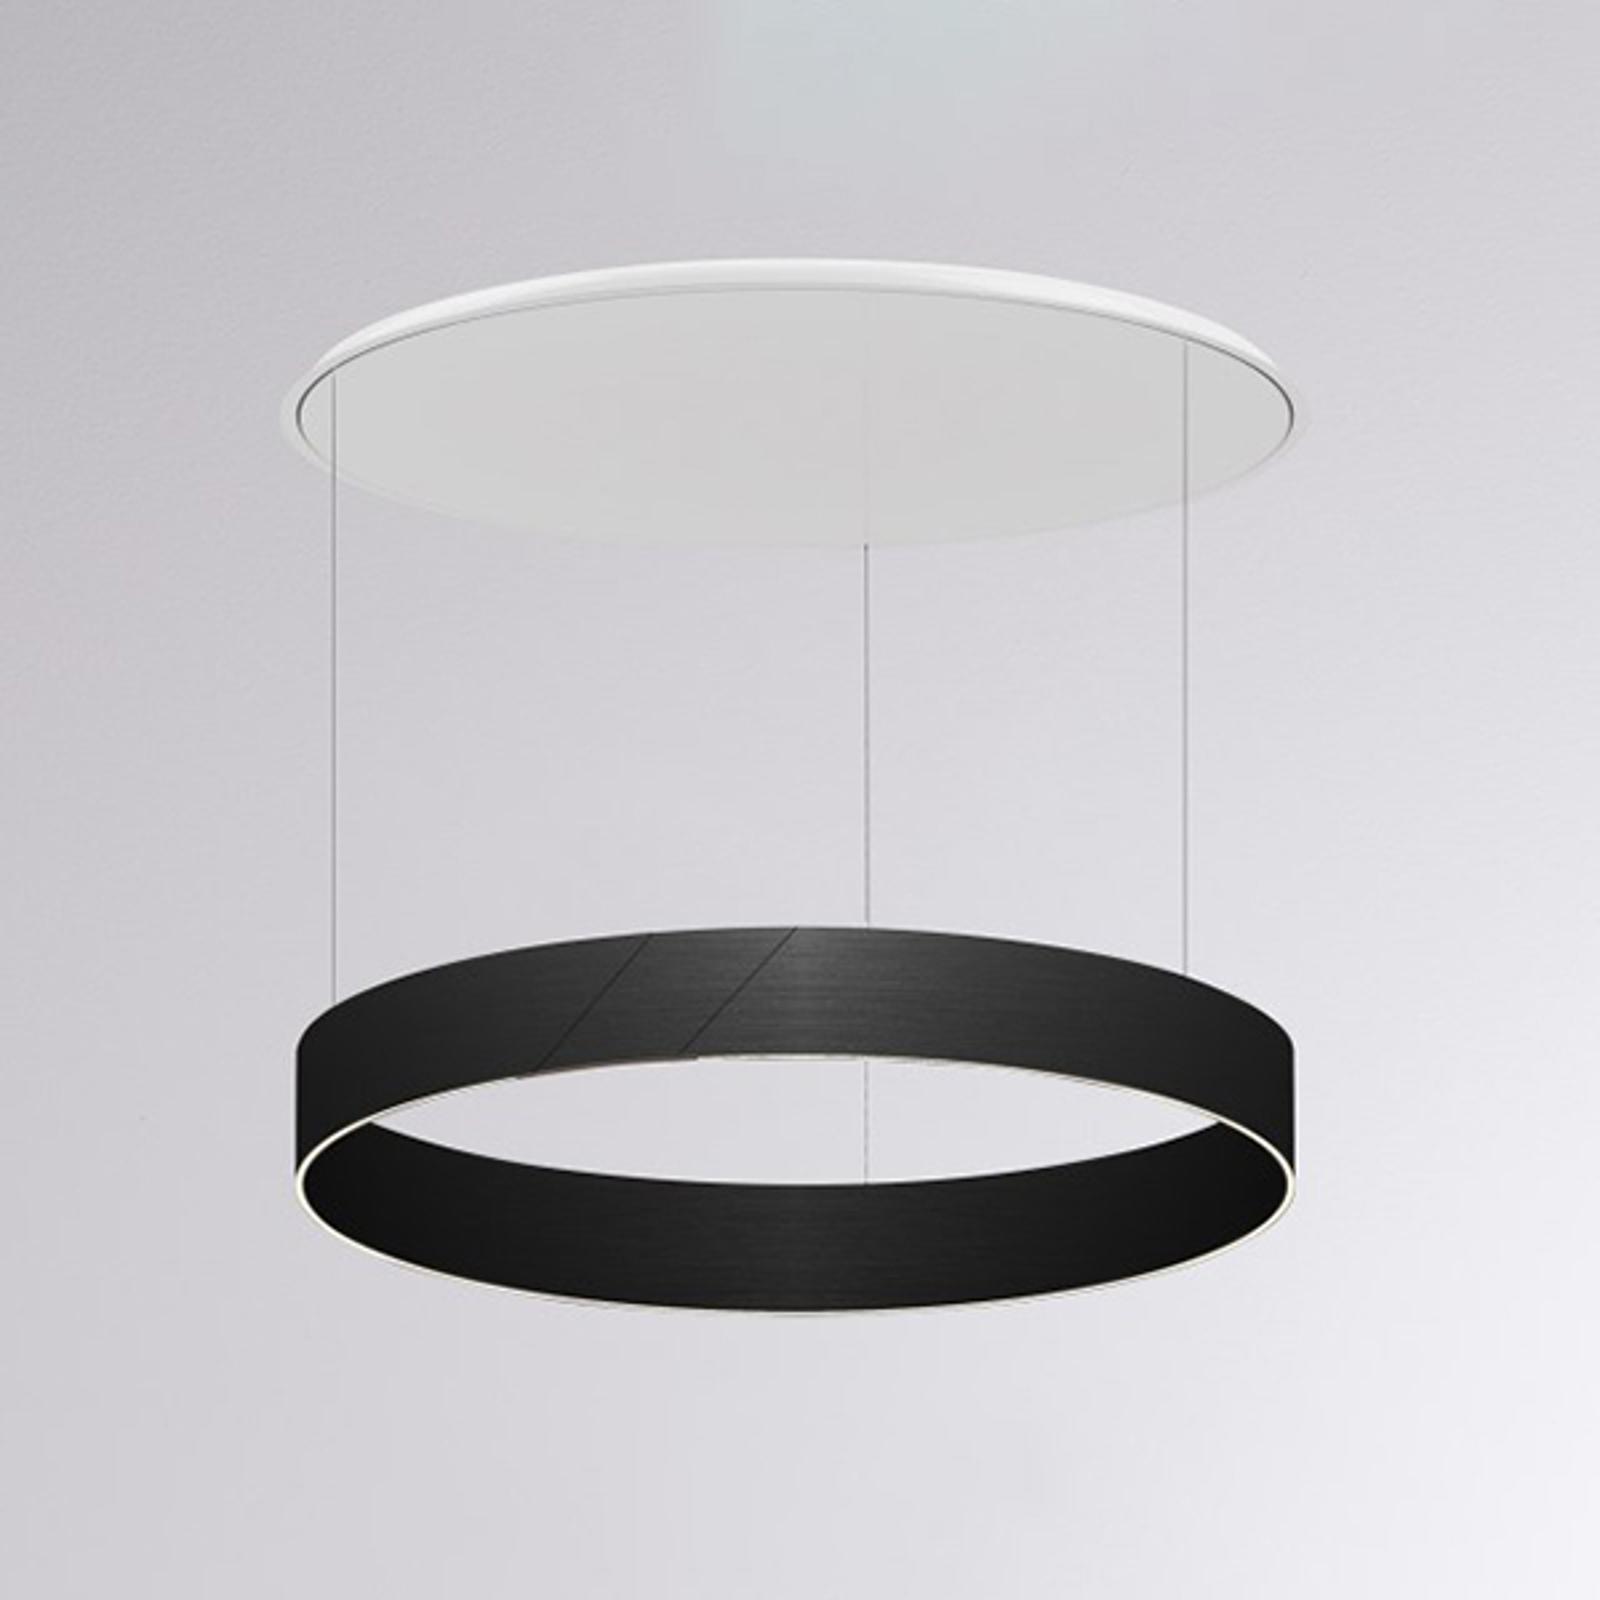 Lampa wisząca LED After 8 Round DALI czarna